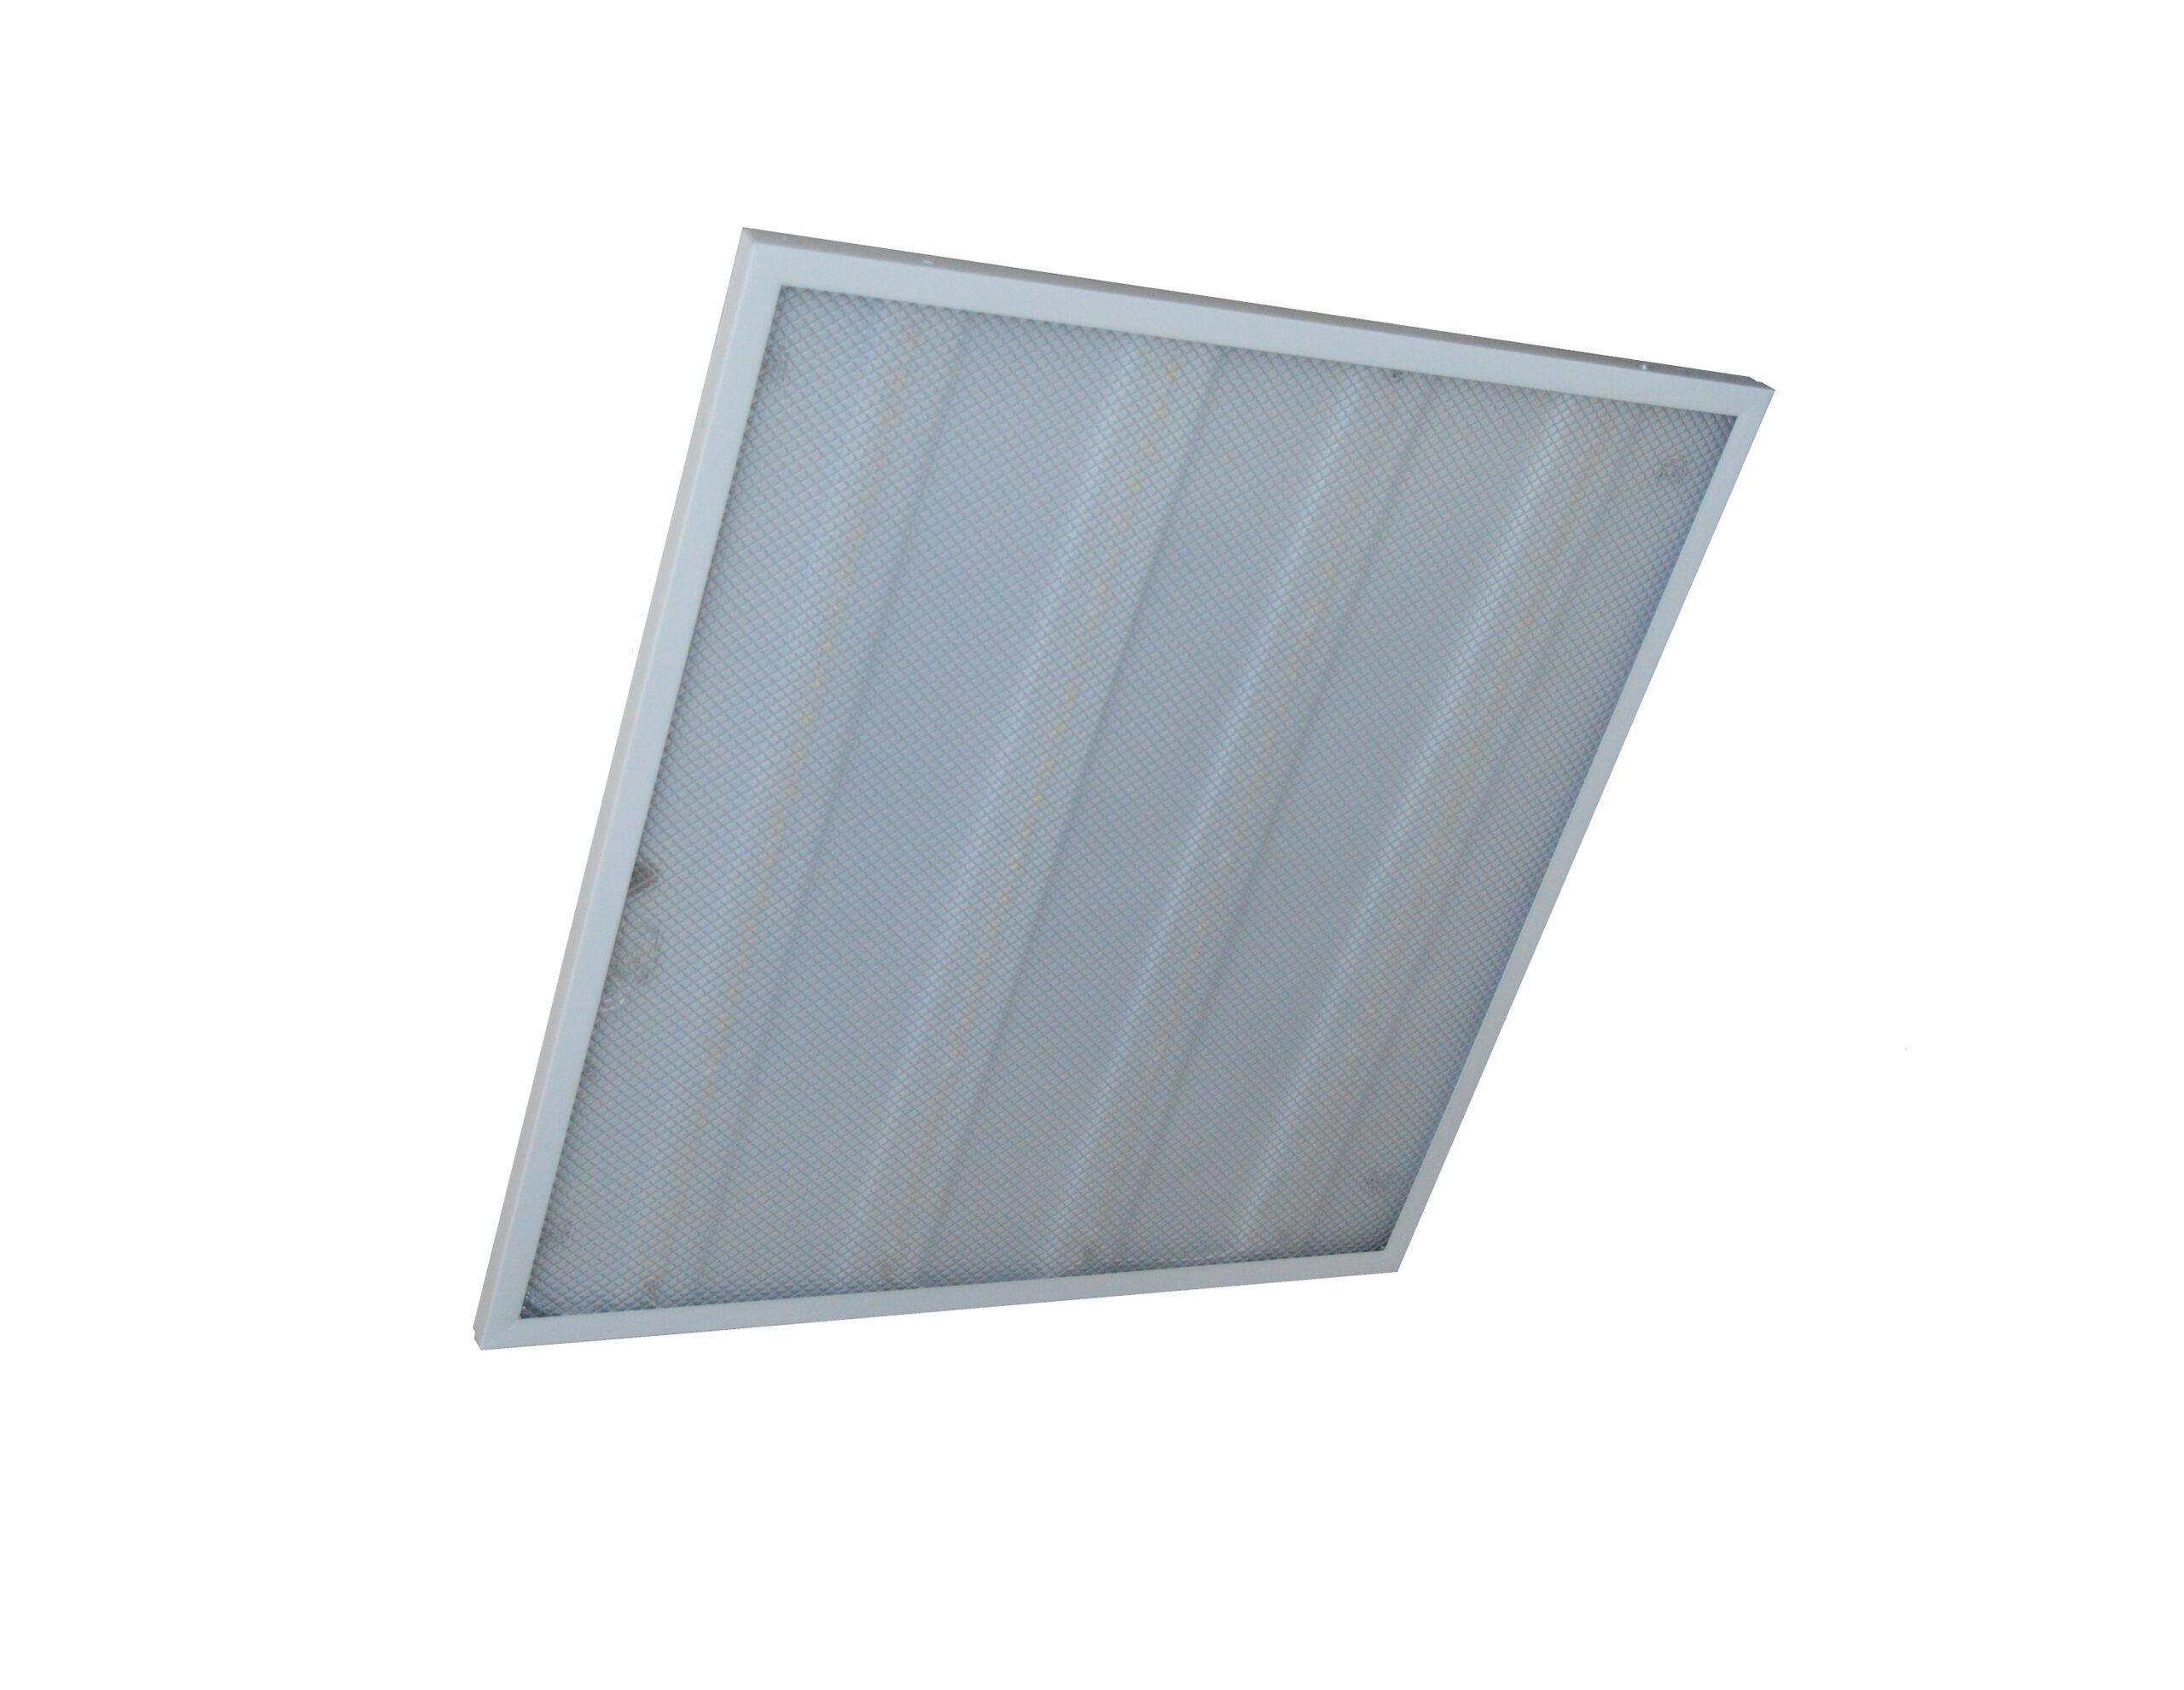 Светодиодное освещение - Светильник призматик ERSTE  36Вт 6500K, 3000lm,  000002591 - Фото 1